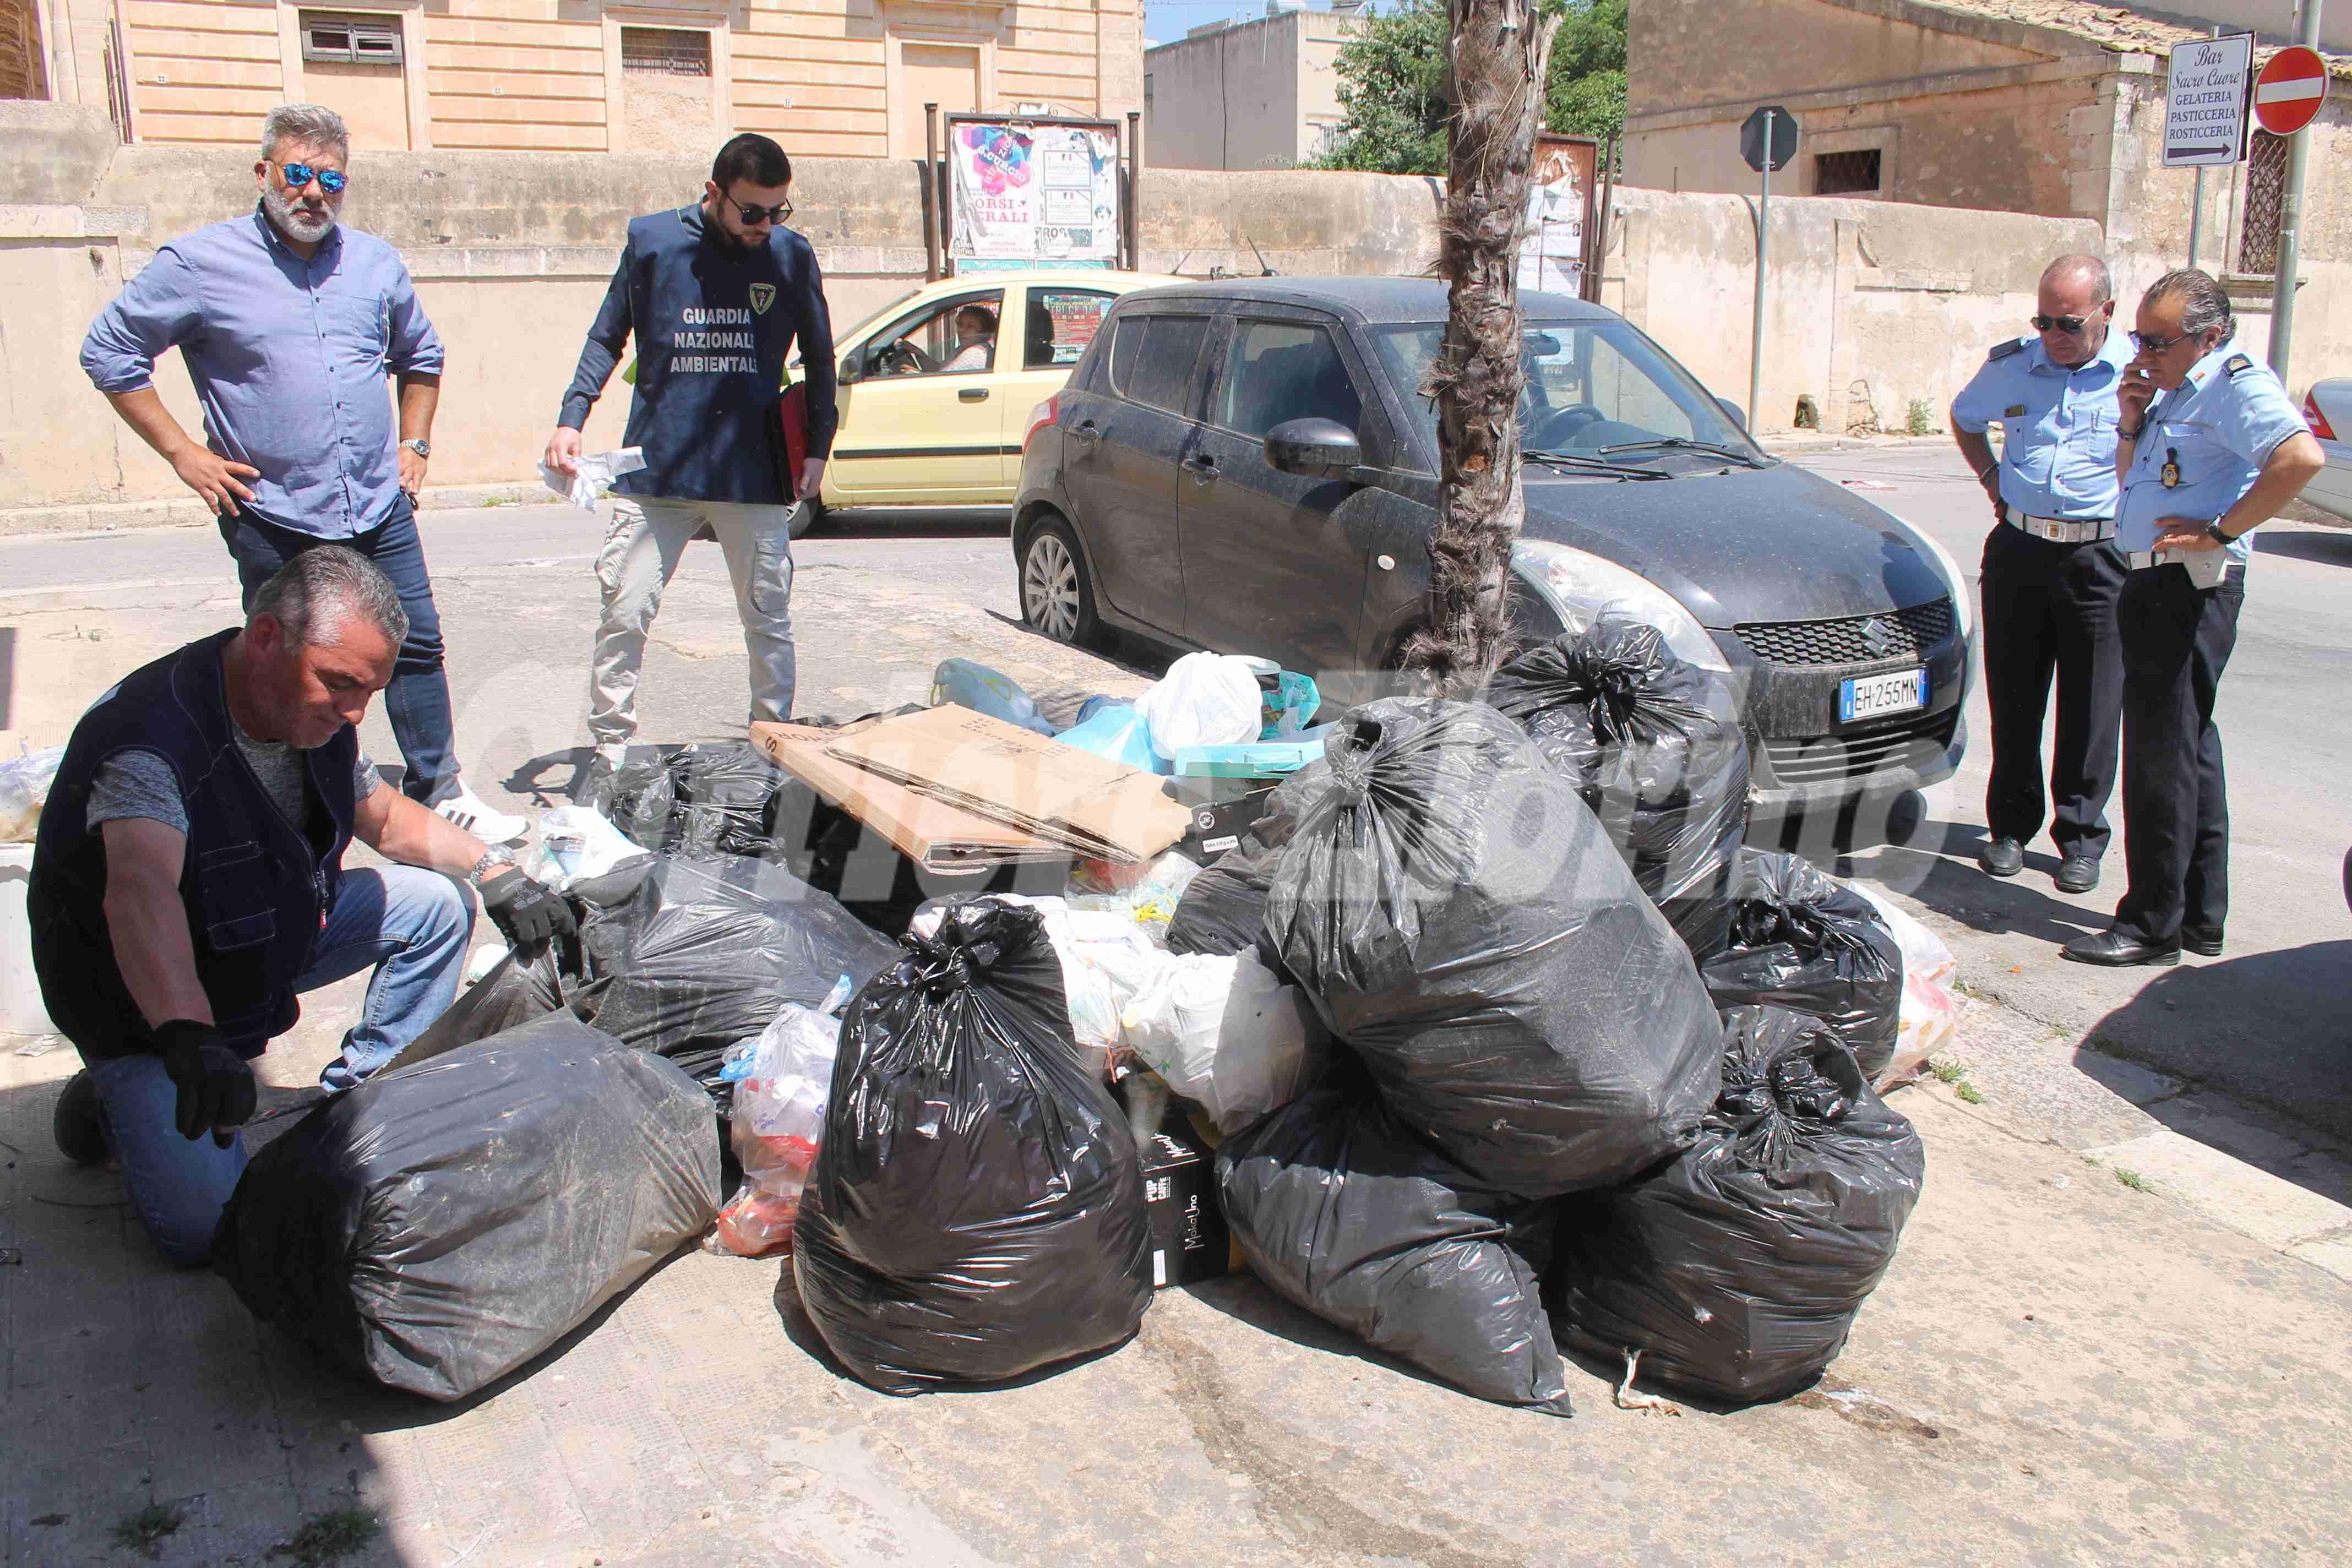 In azione una task force per la raccolta rifiuti: individuati e multati i trasgressori